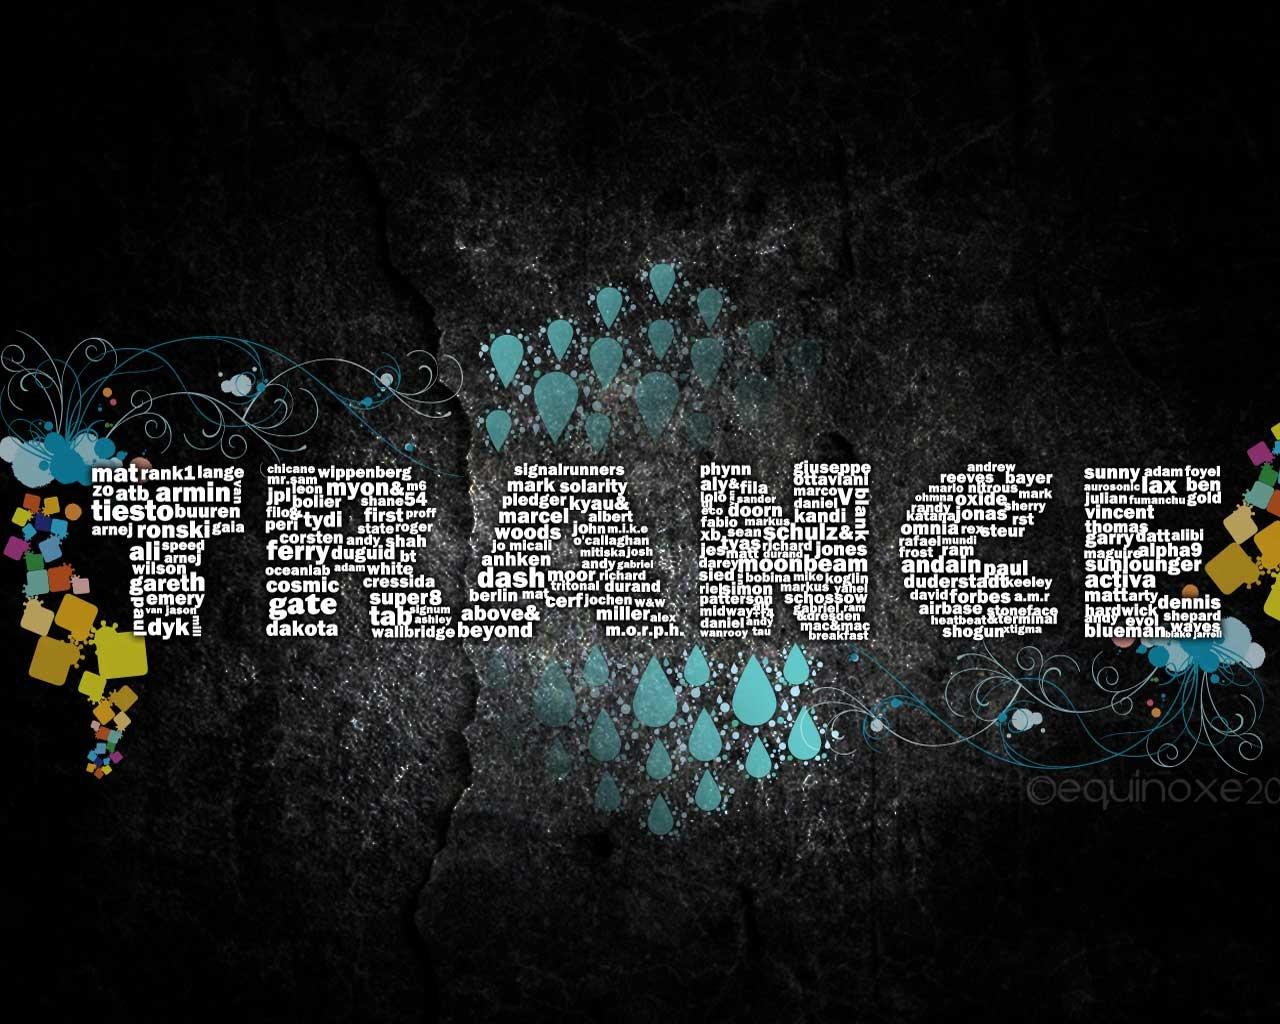 http://3.bp.blogspot.com/-1hj44F--tYs/UC48zgGH-yI/AAAAAAAABvQ/RGKrHf3D0p0/s1600/trance_only-1280x1024.jpg